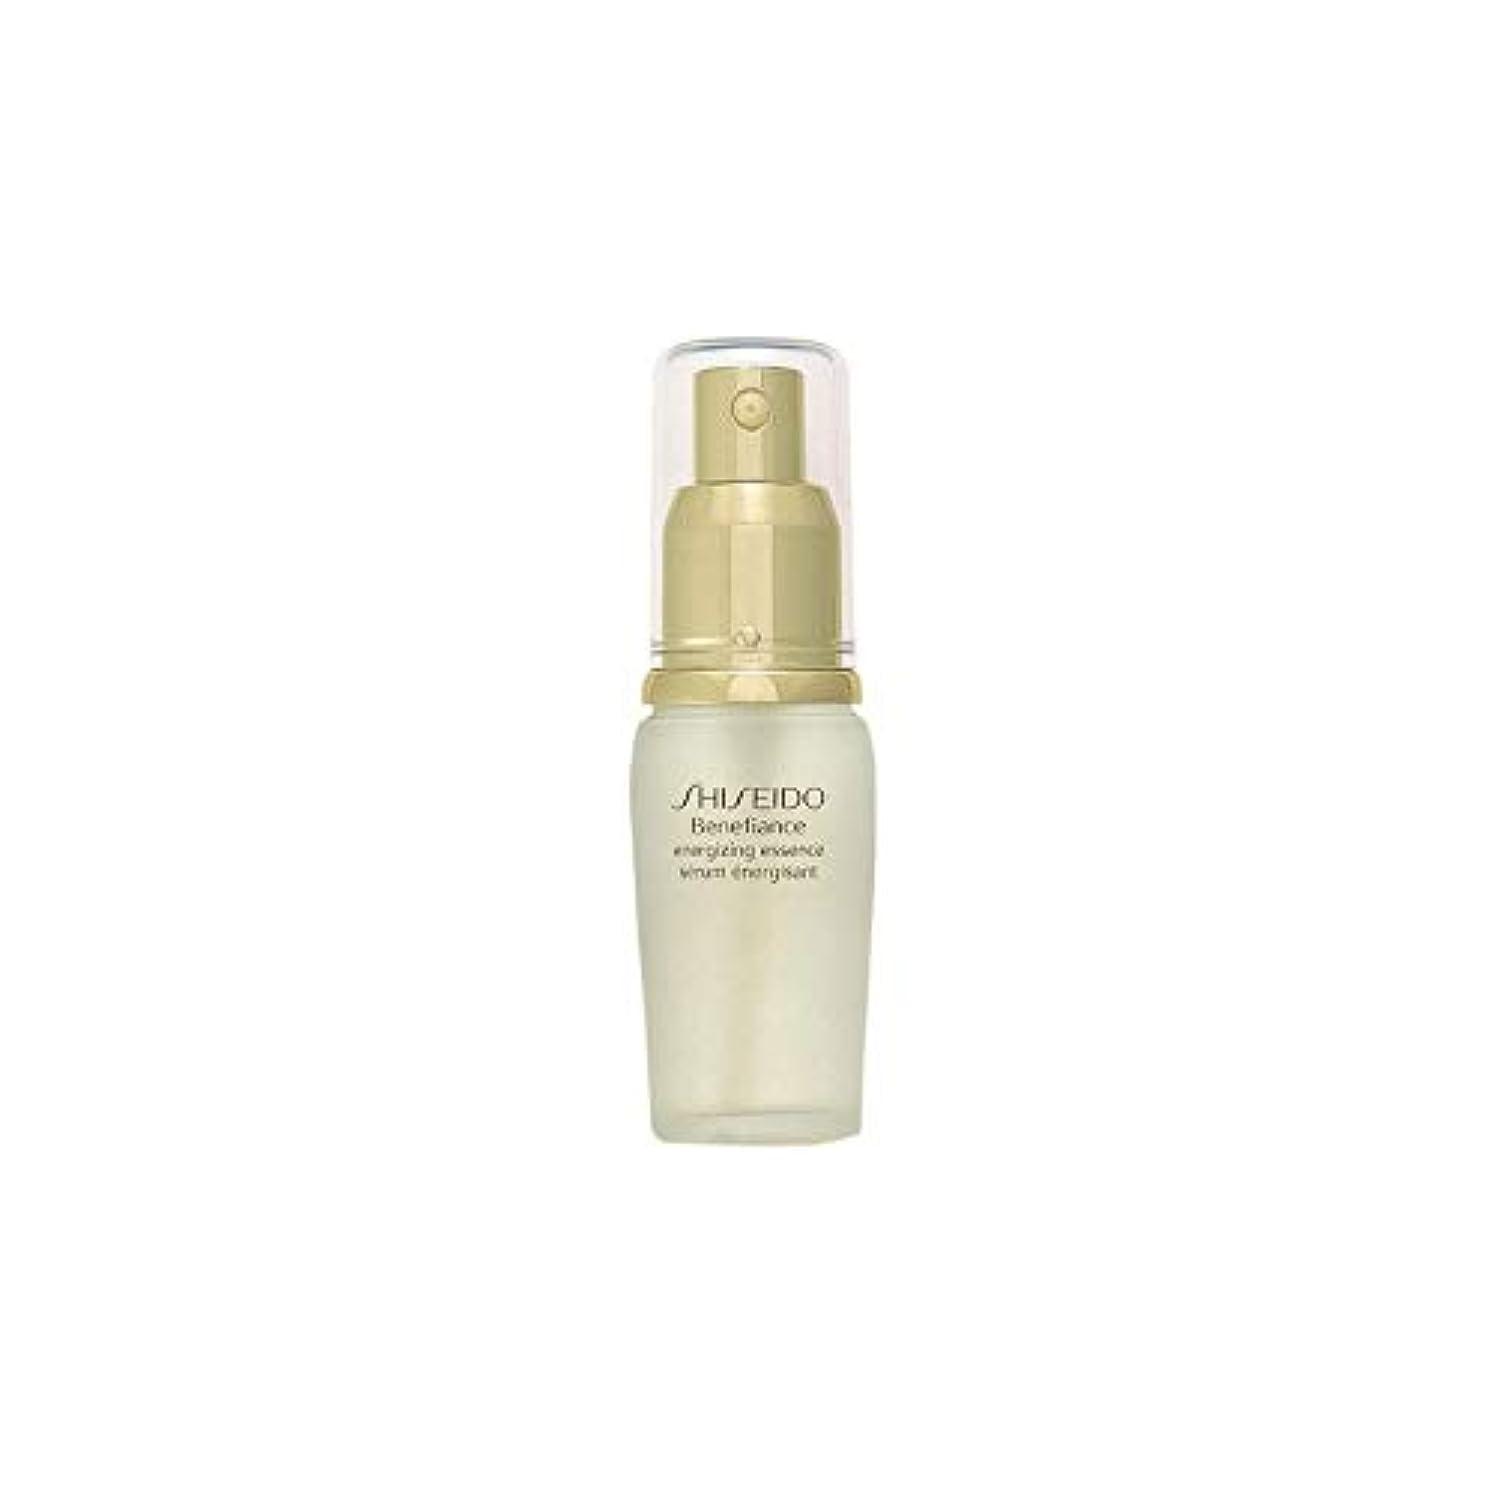 出口新しい意味ブレース[Shiseido] 資生堂ベネフィアンス通電エッセンス(30ミリリットル) - Shiseido Benefiance Energising Essence (30ml) [並行輸入品]